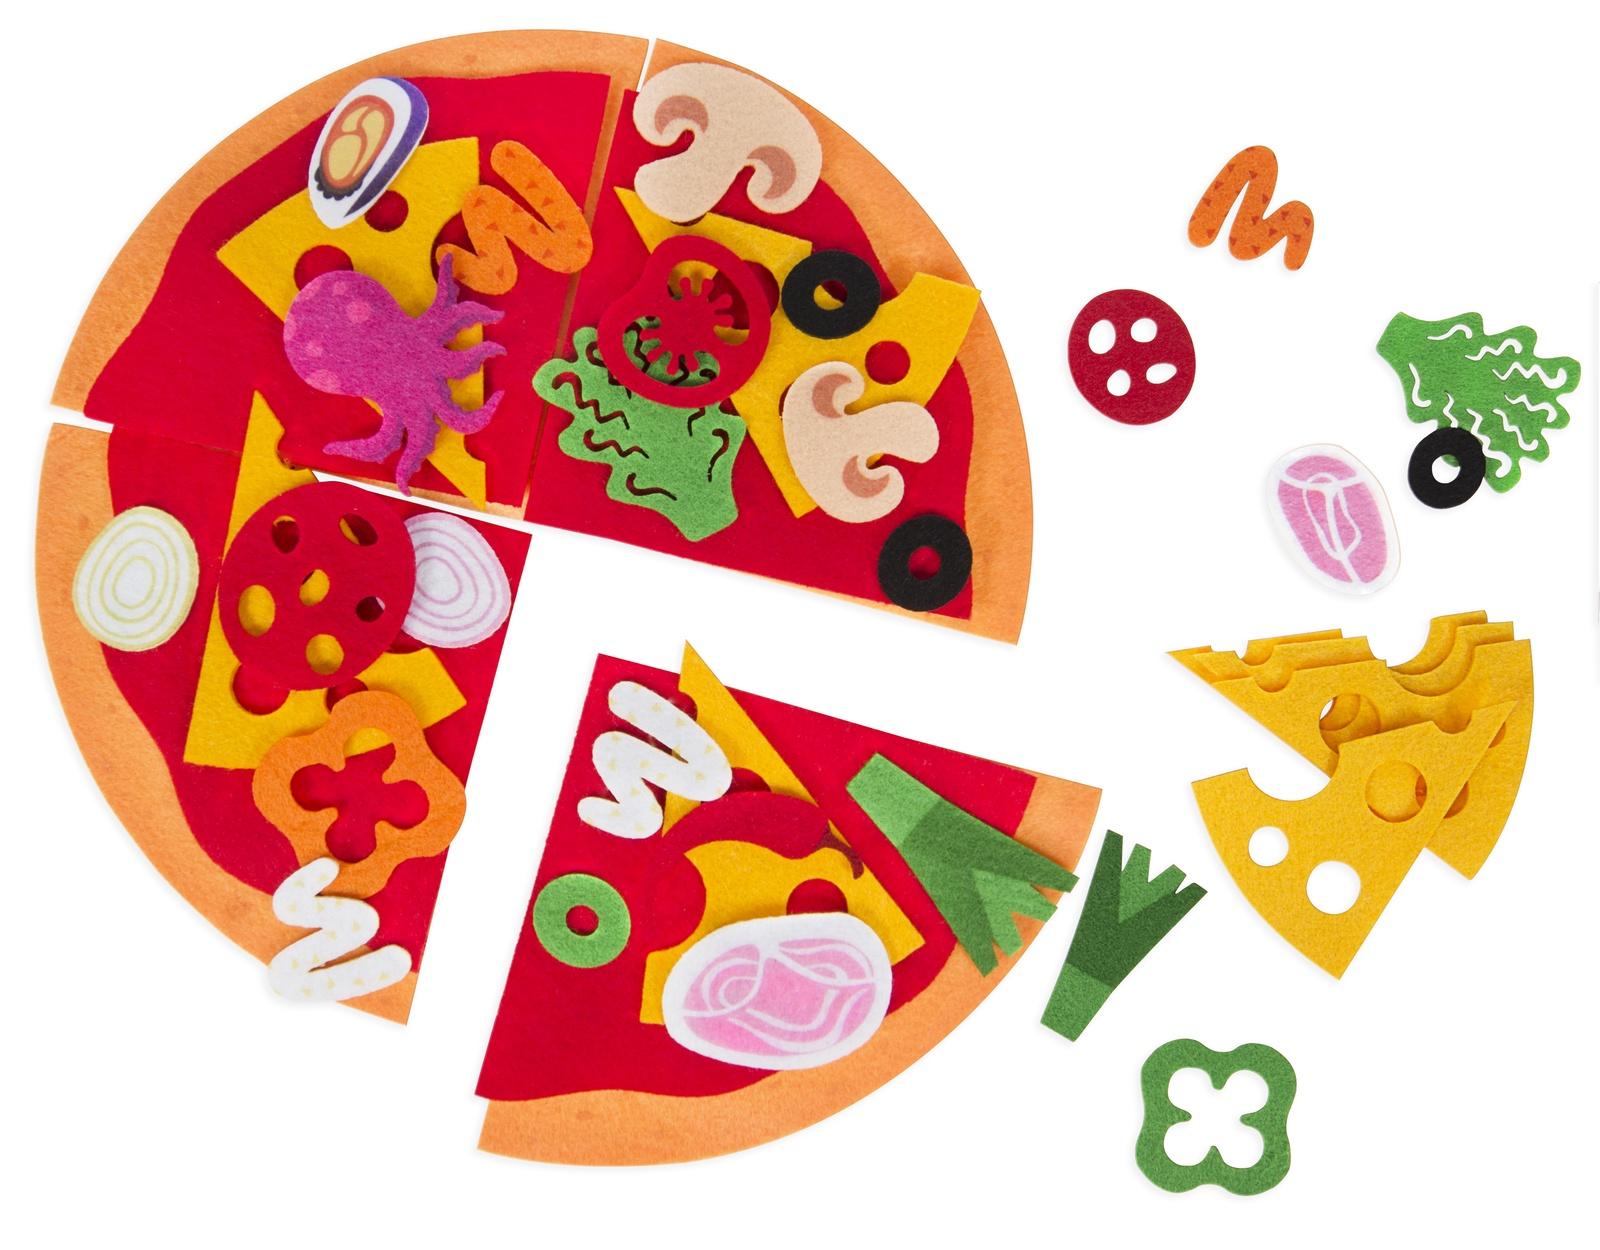 Мягкий конструктор Feltrica Конструктор из фетра Пицца анданте развивающий игровой набор пицца